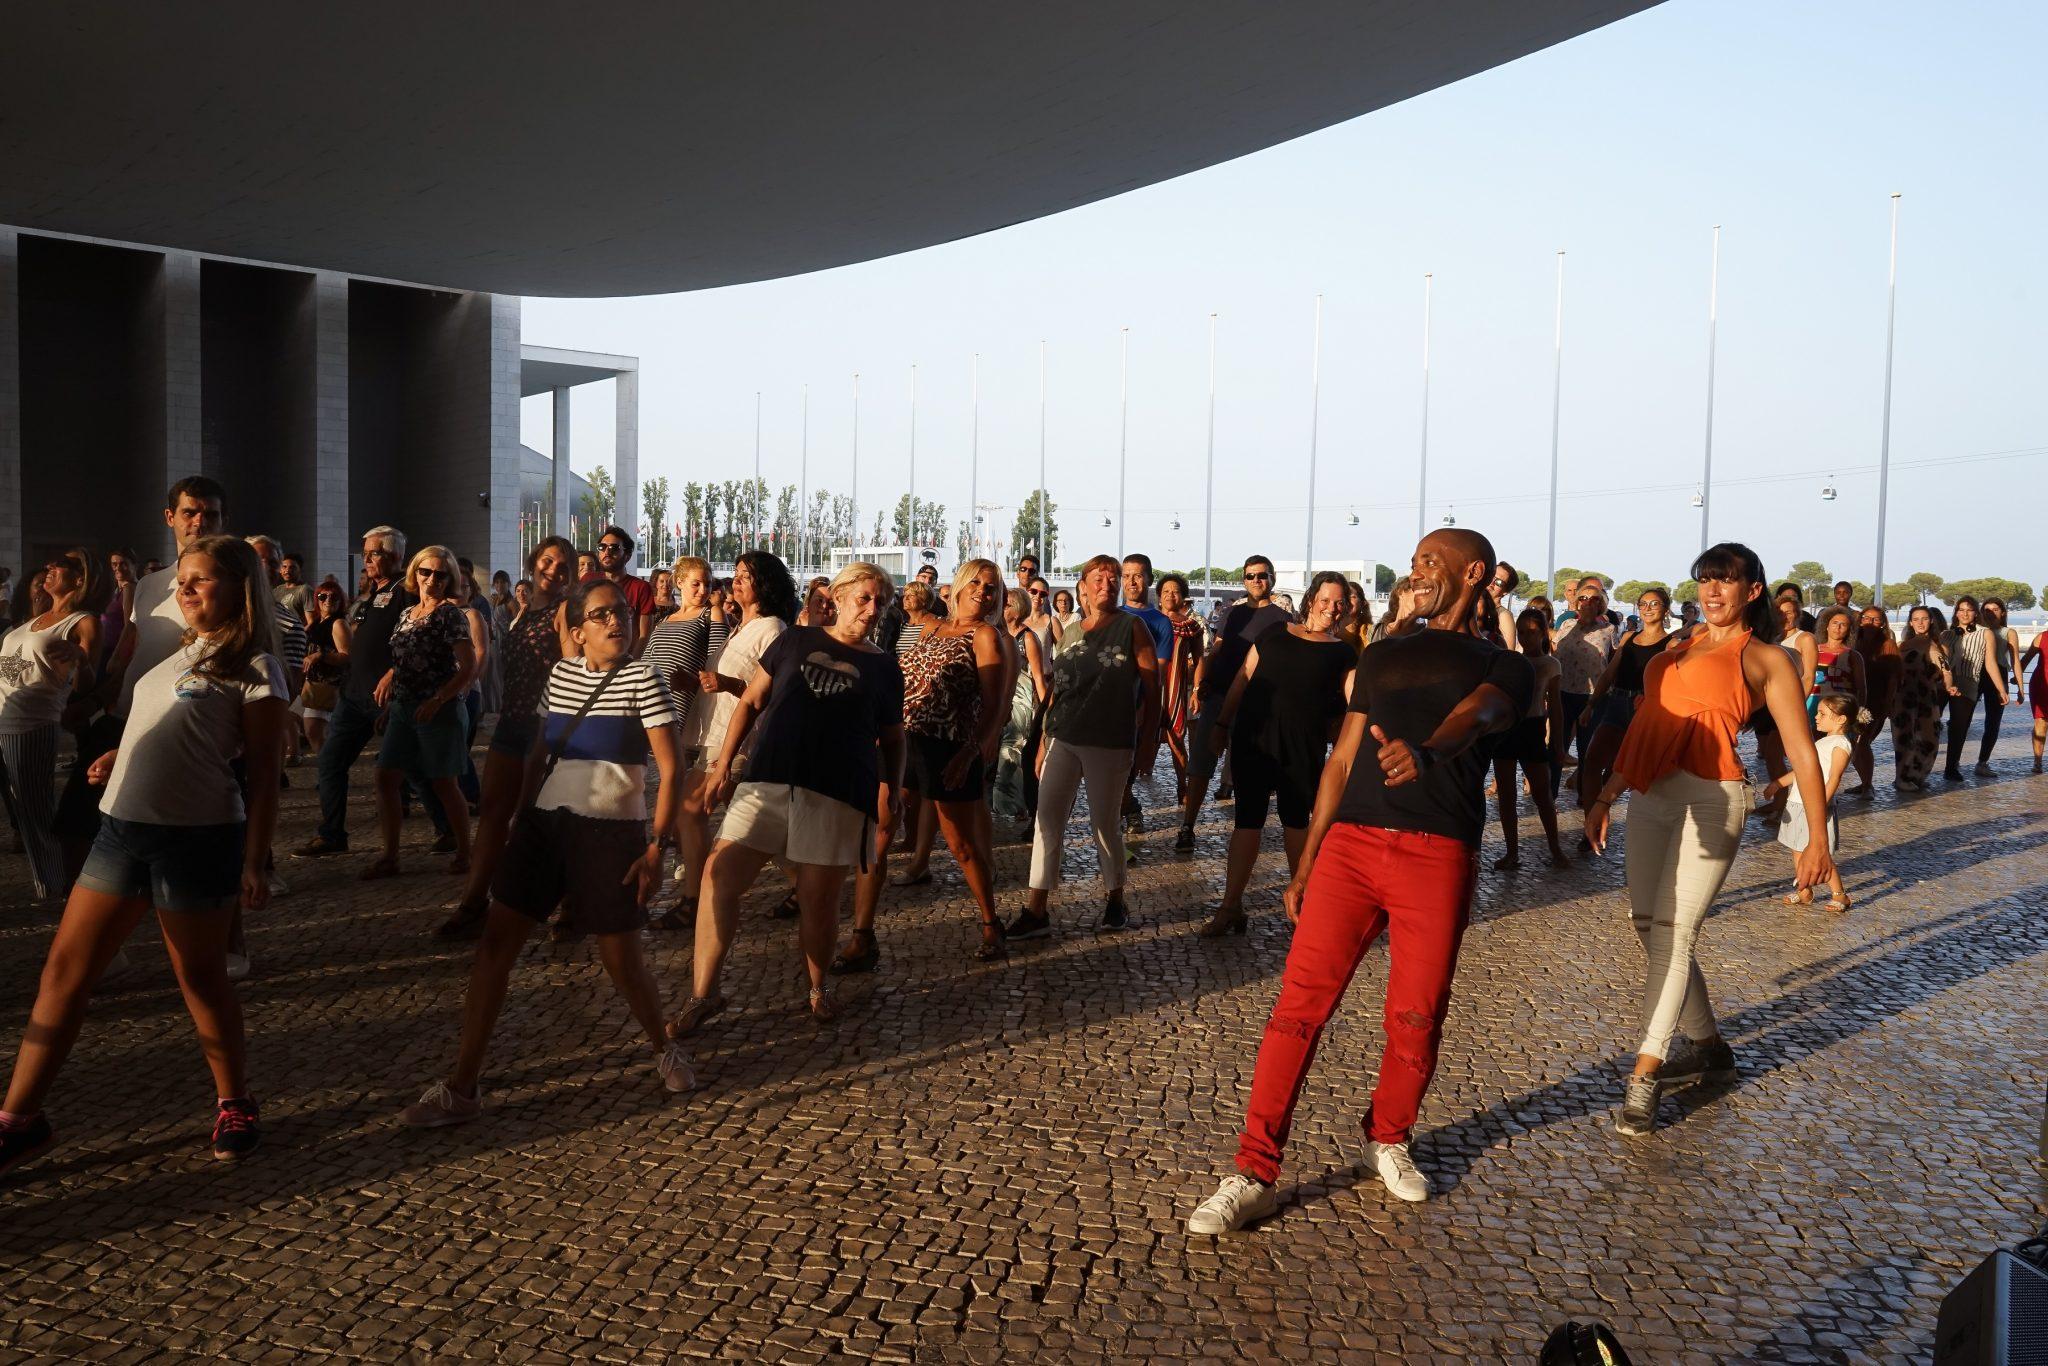 Pessoas a dançar, seguindo os passos de um homem e de uma mulher, debaixo da pala do Pavilhão de Portugal no Parque das Nações